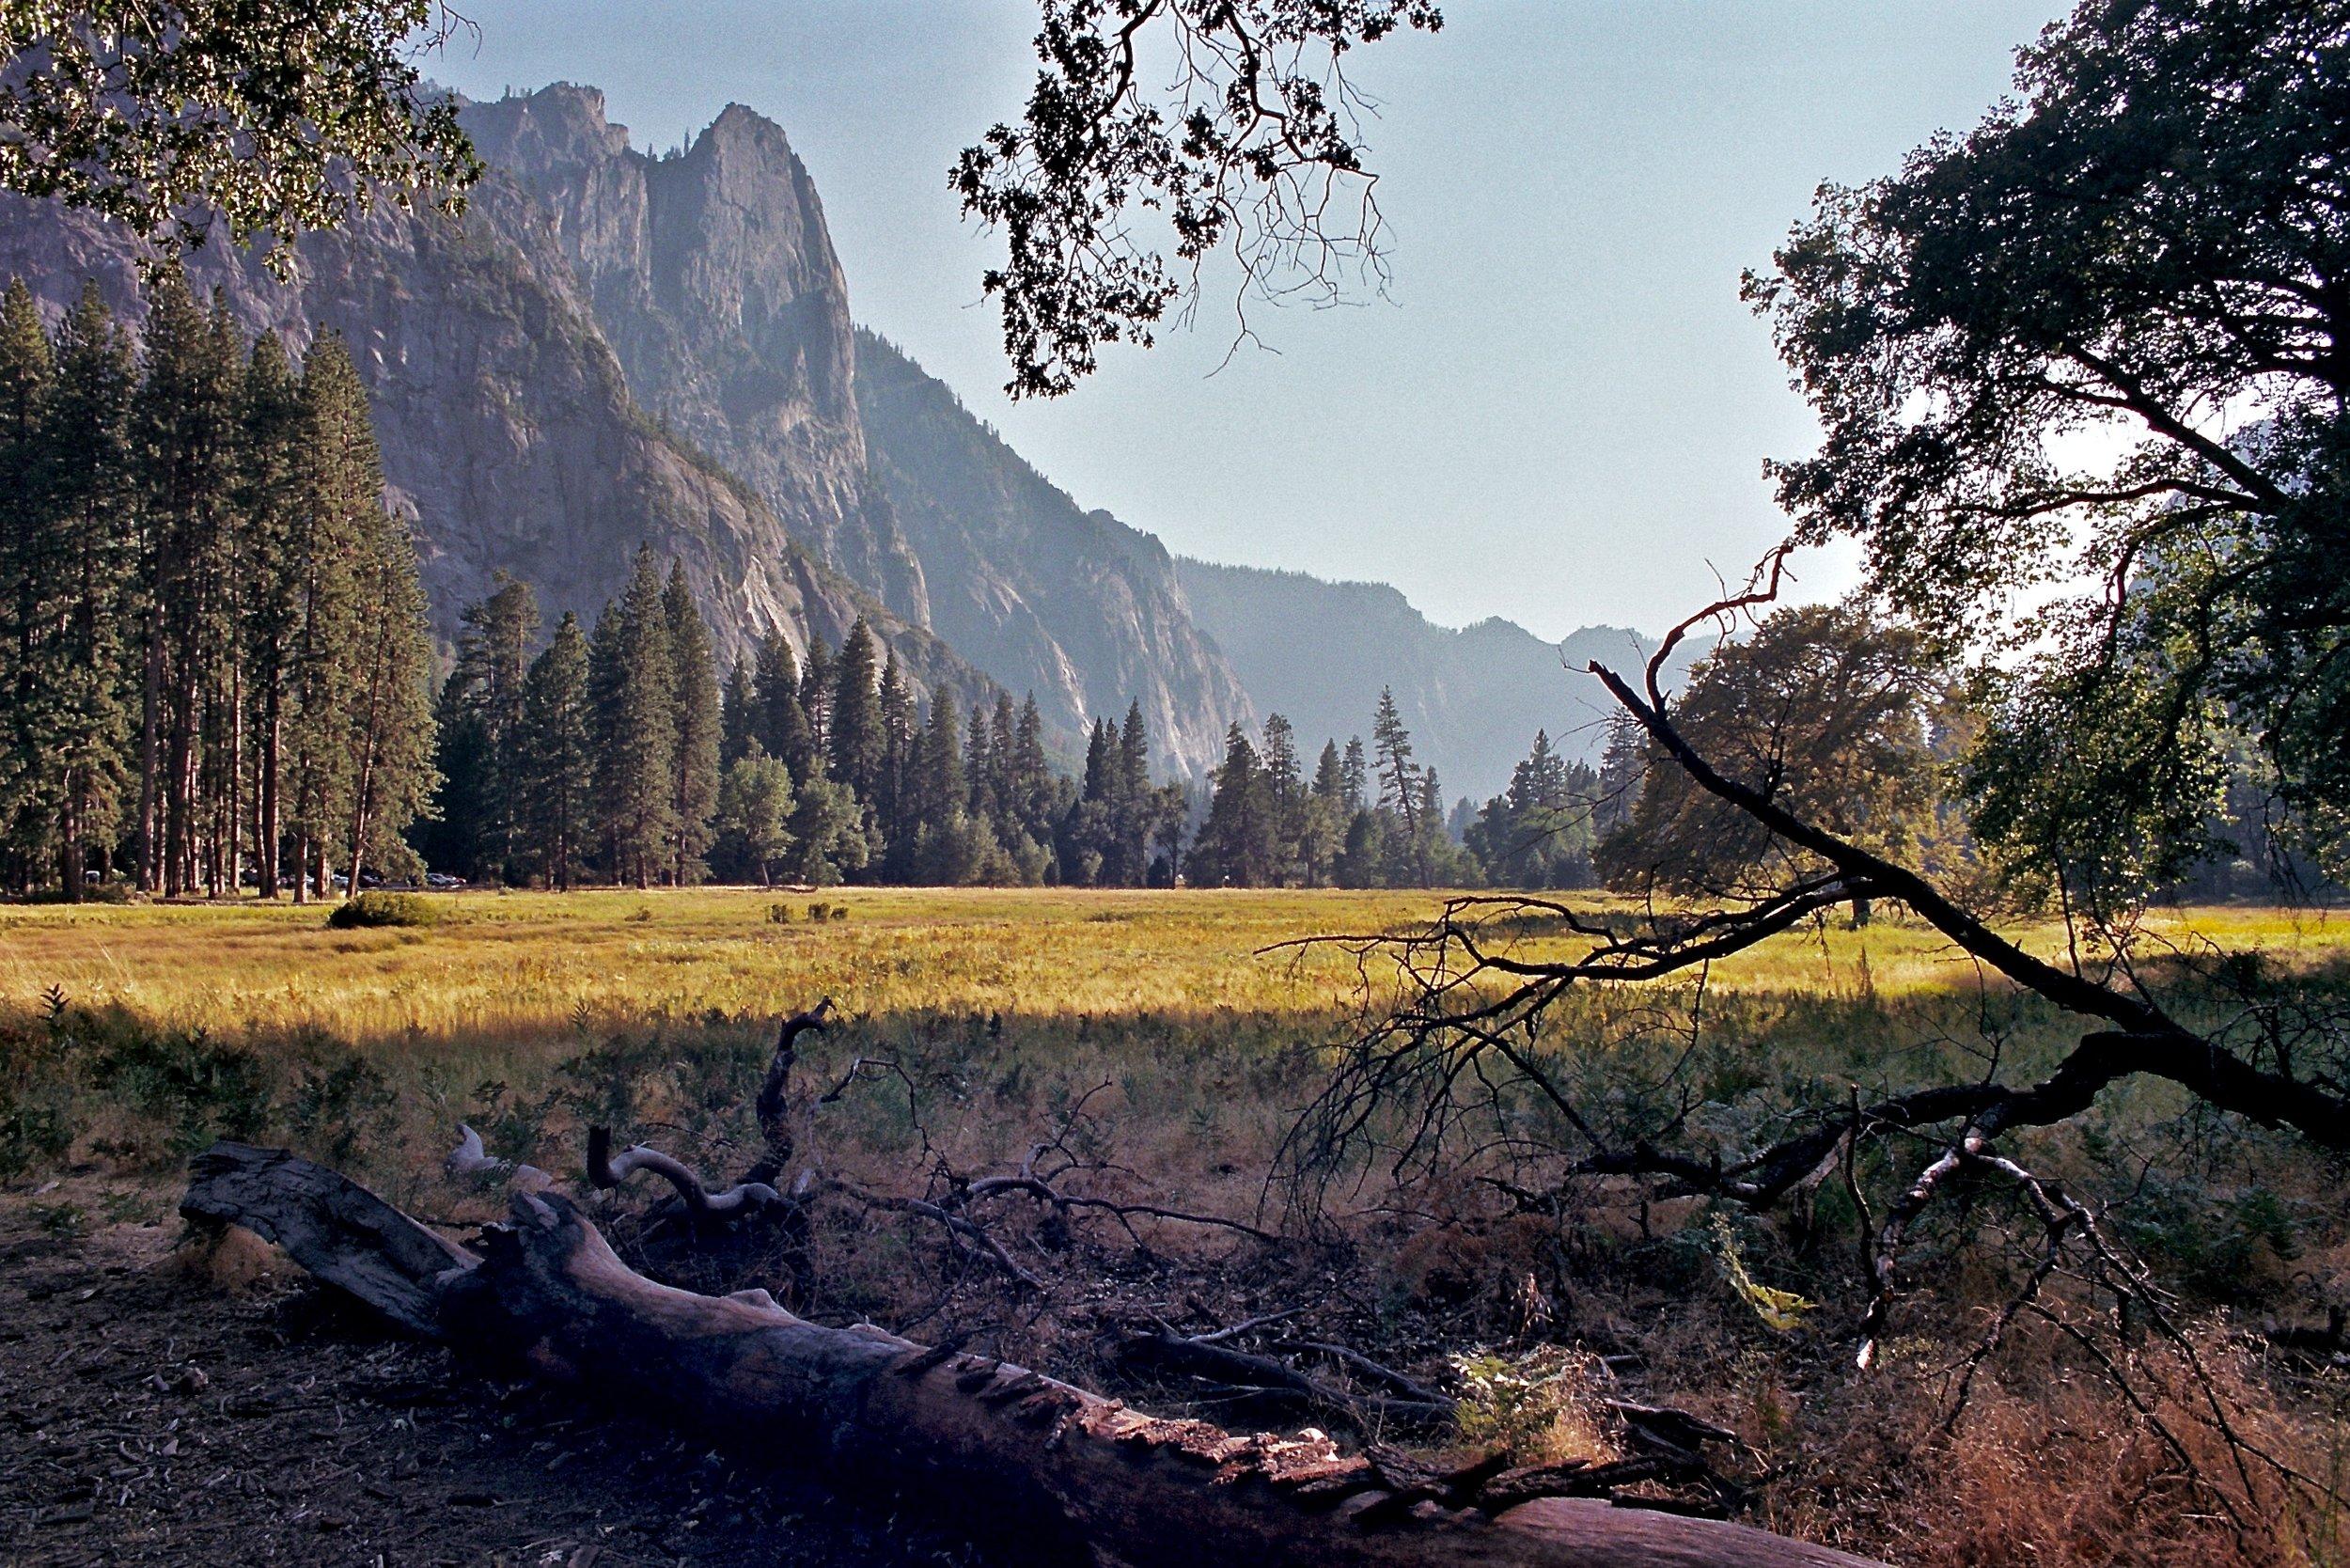 Yosemite Valley, Olympus OM-2n